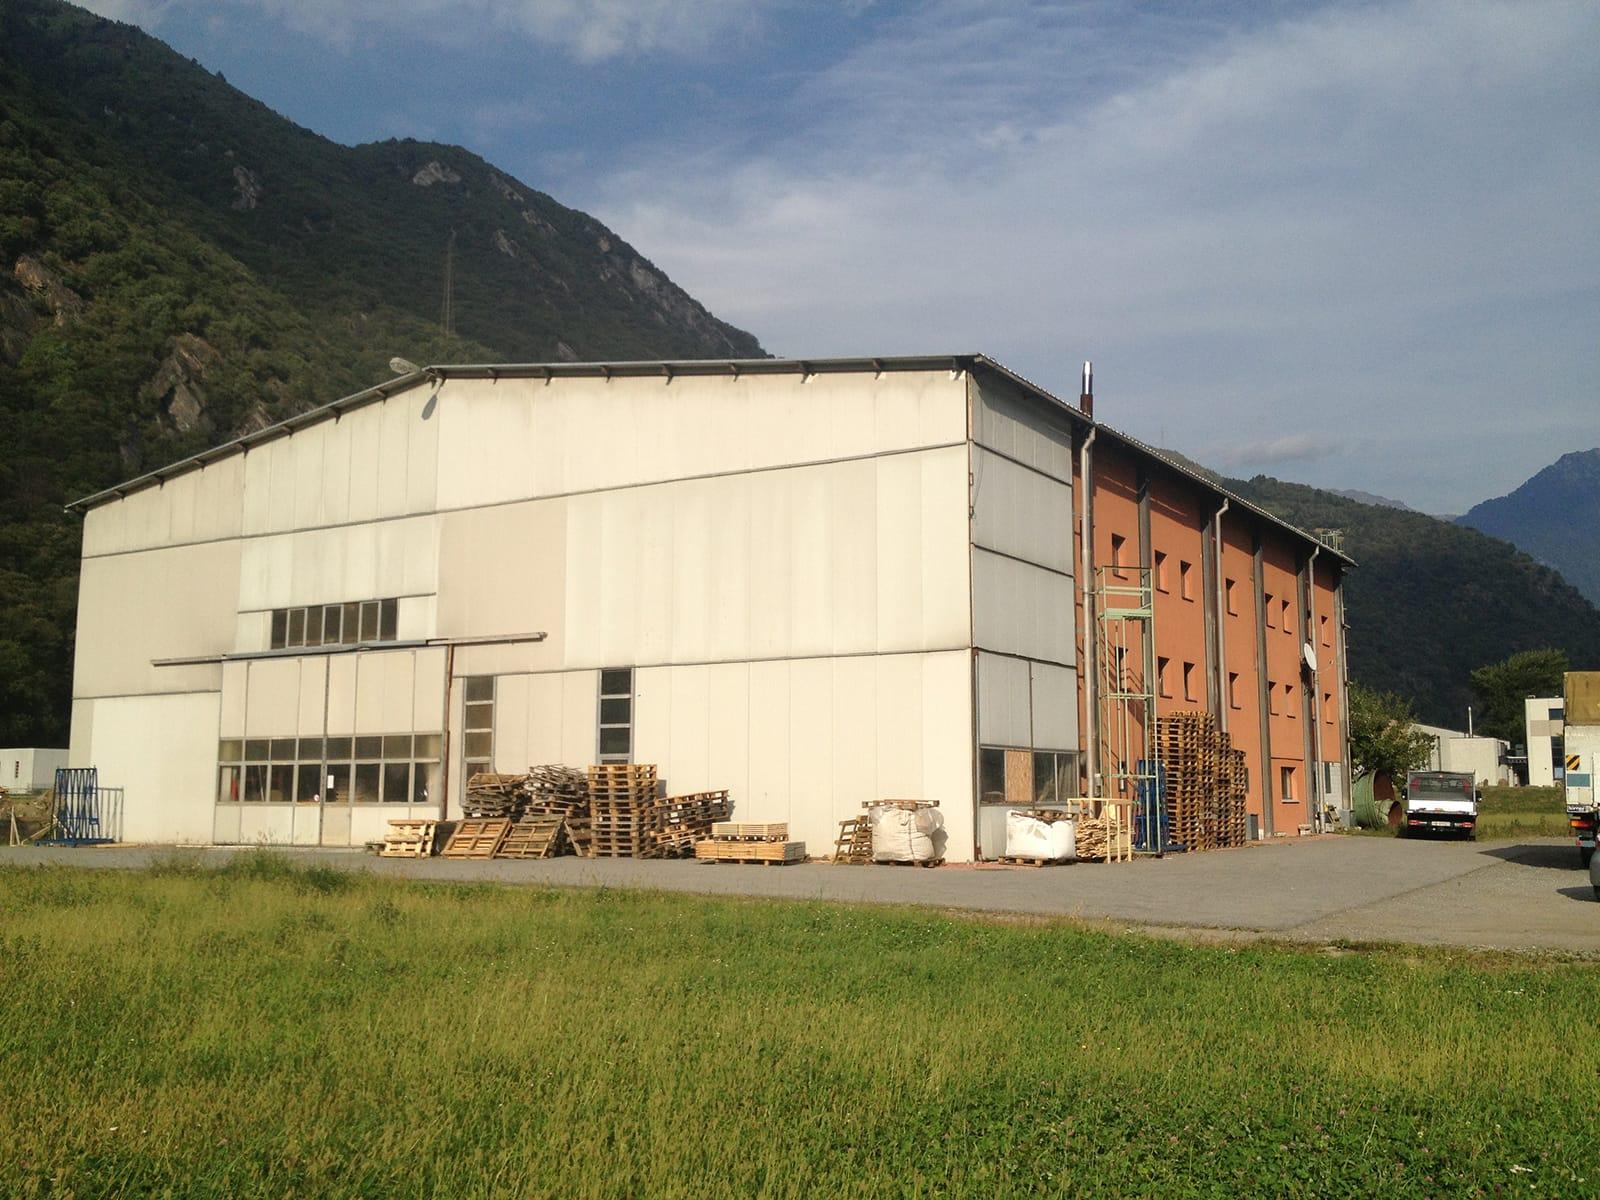 Vendesi terreno con capannone industriale a San Vittore/GR